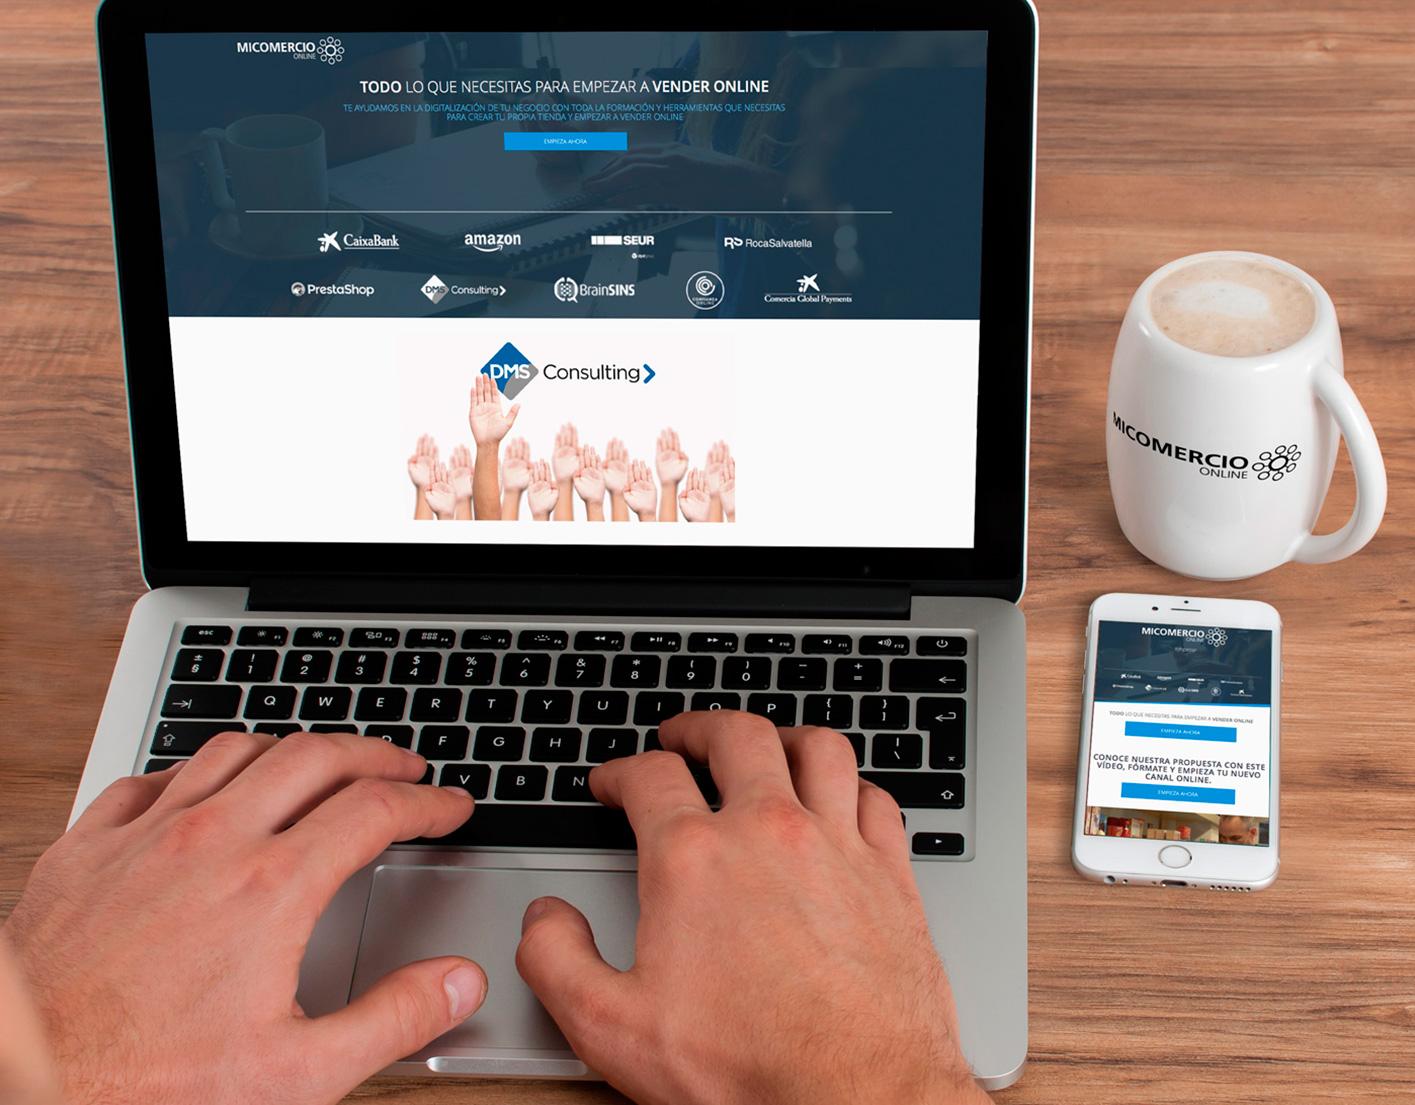 DMS Consulting ist Teil einer Allianz von verschiedenen Unternehmen zur Förderung des e-commerce